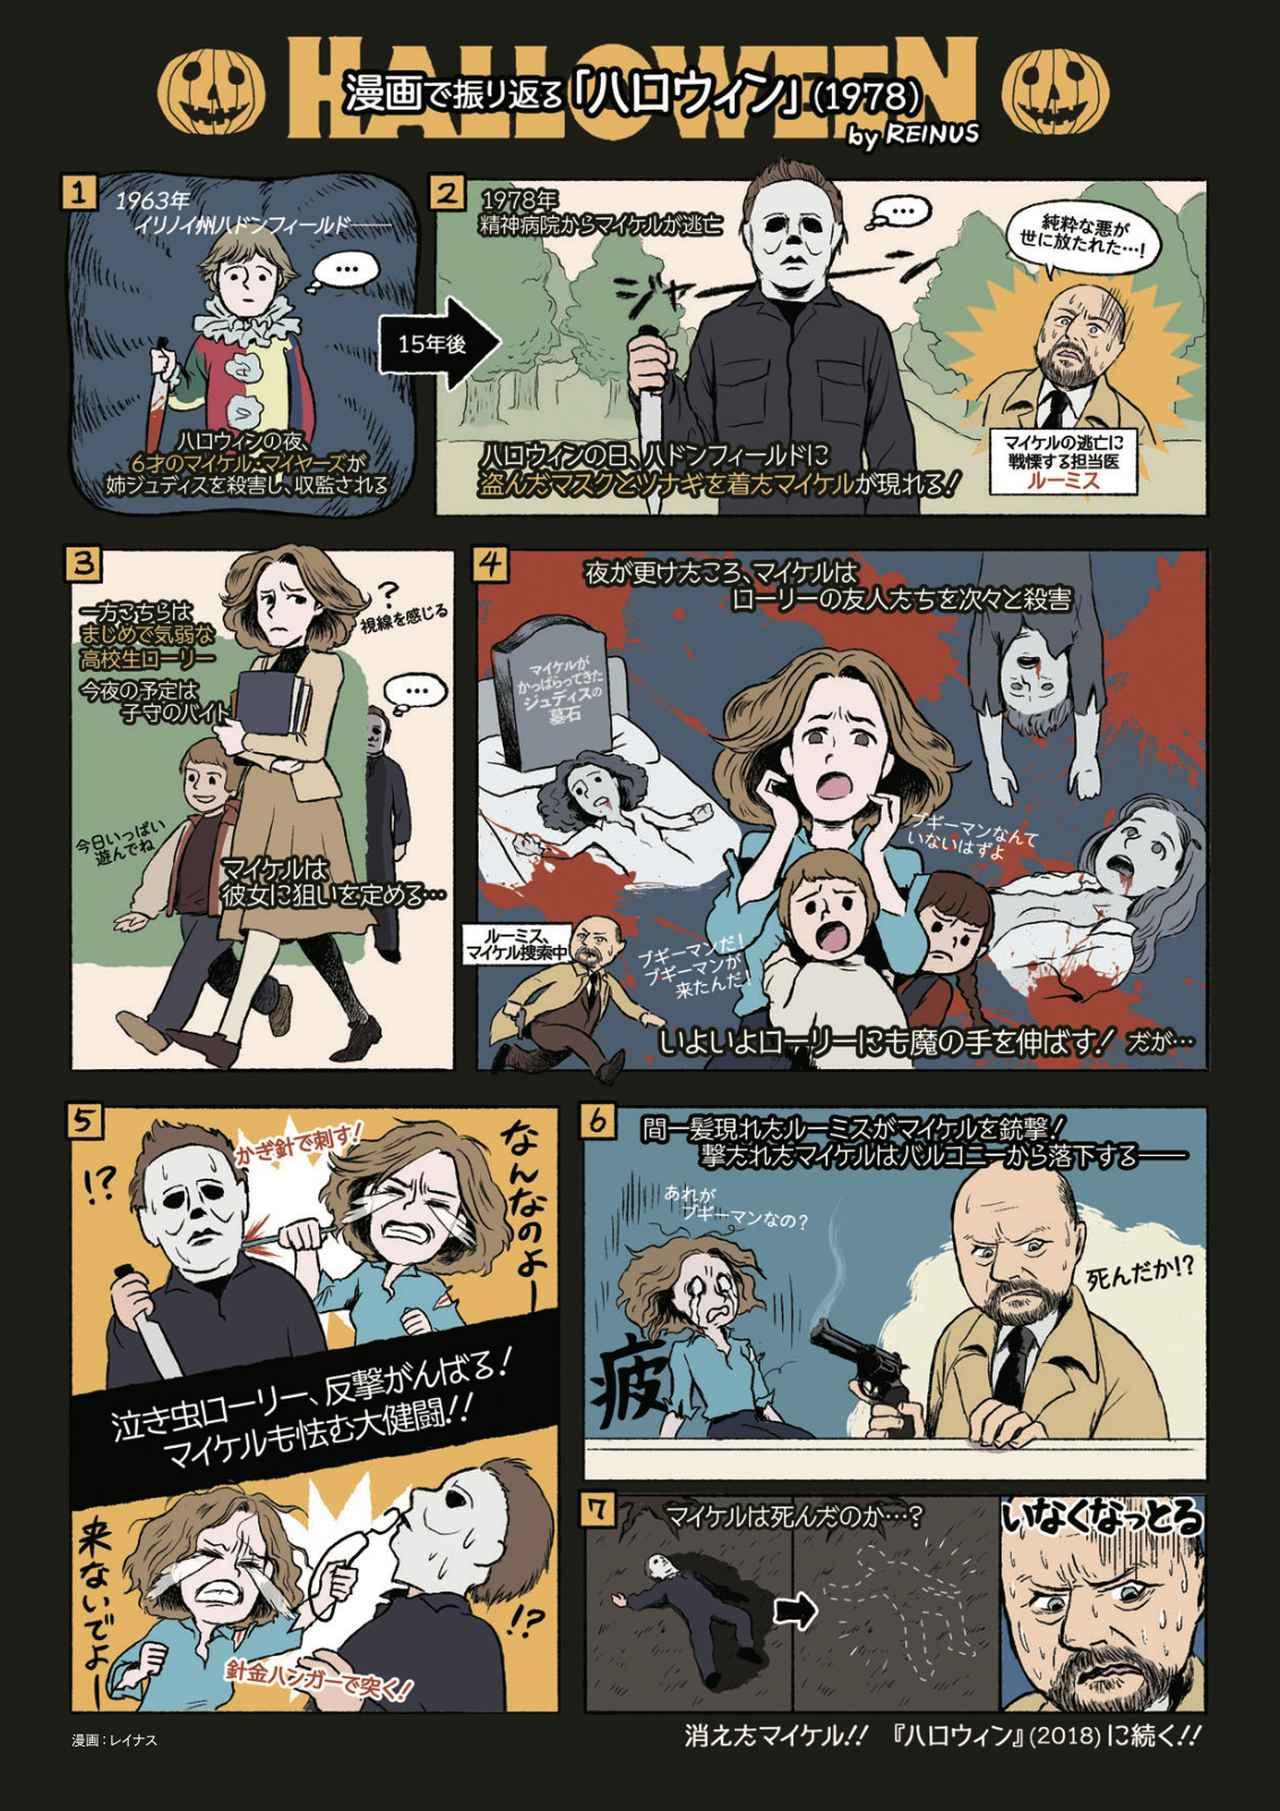 画像1: 『ハロウィン KILLS』に至るまでのストーリーをざっくり理解できる漫画